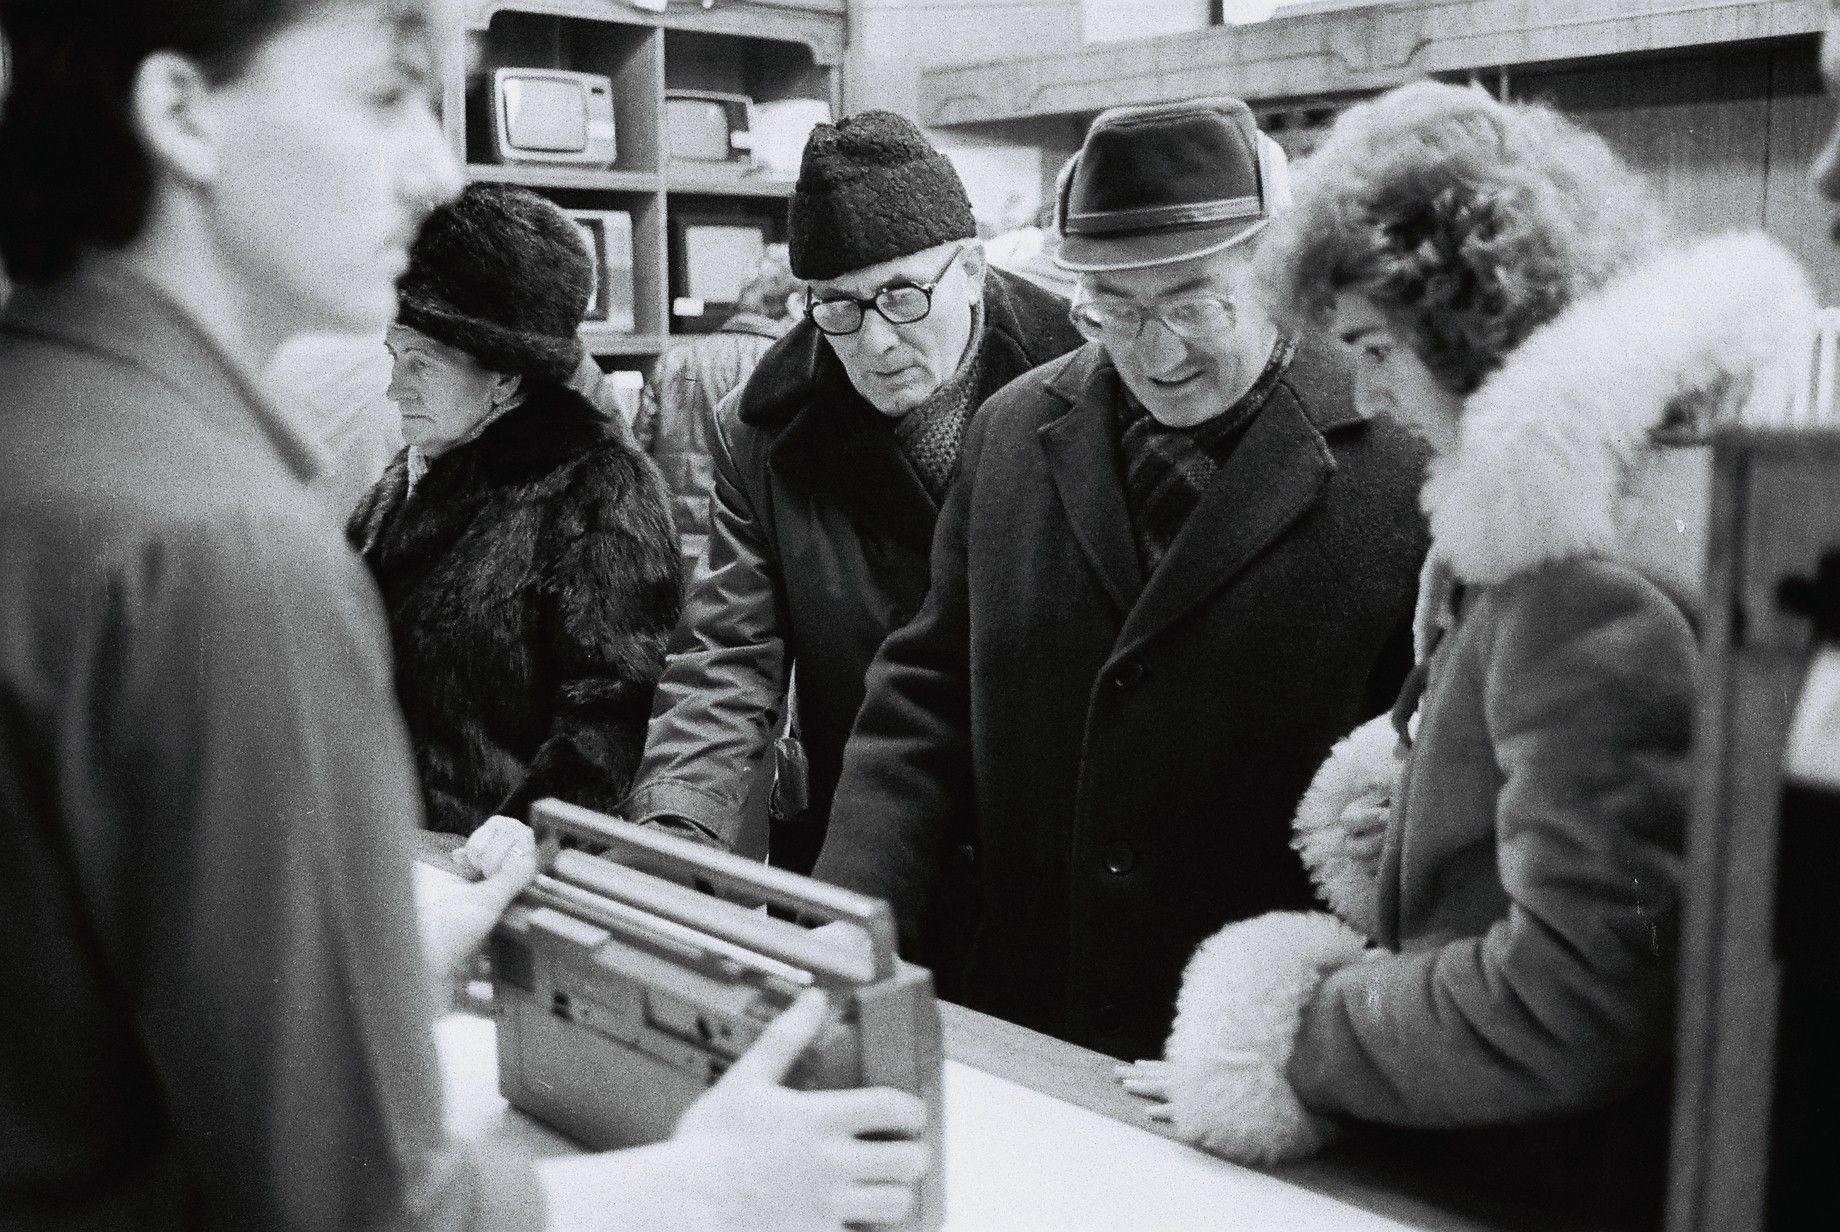 Nakupovanie rádia na Vianoce, Debrecín, 1988.